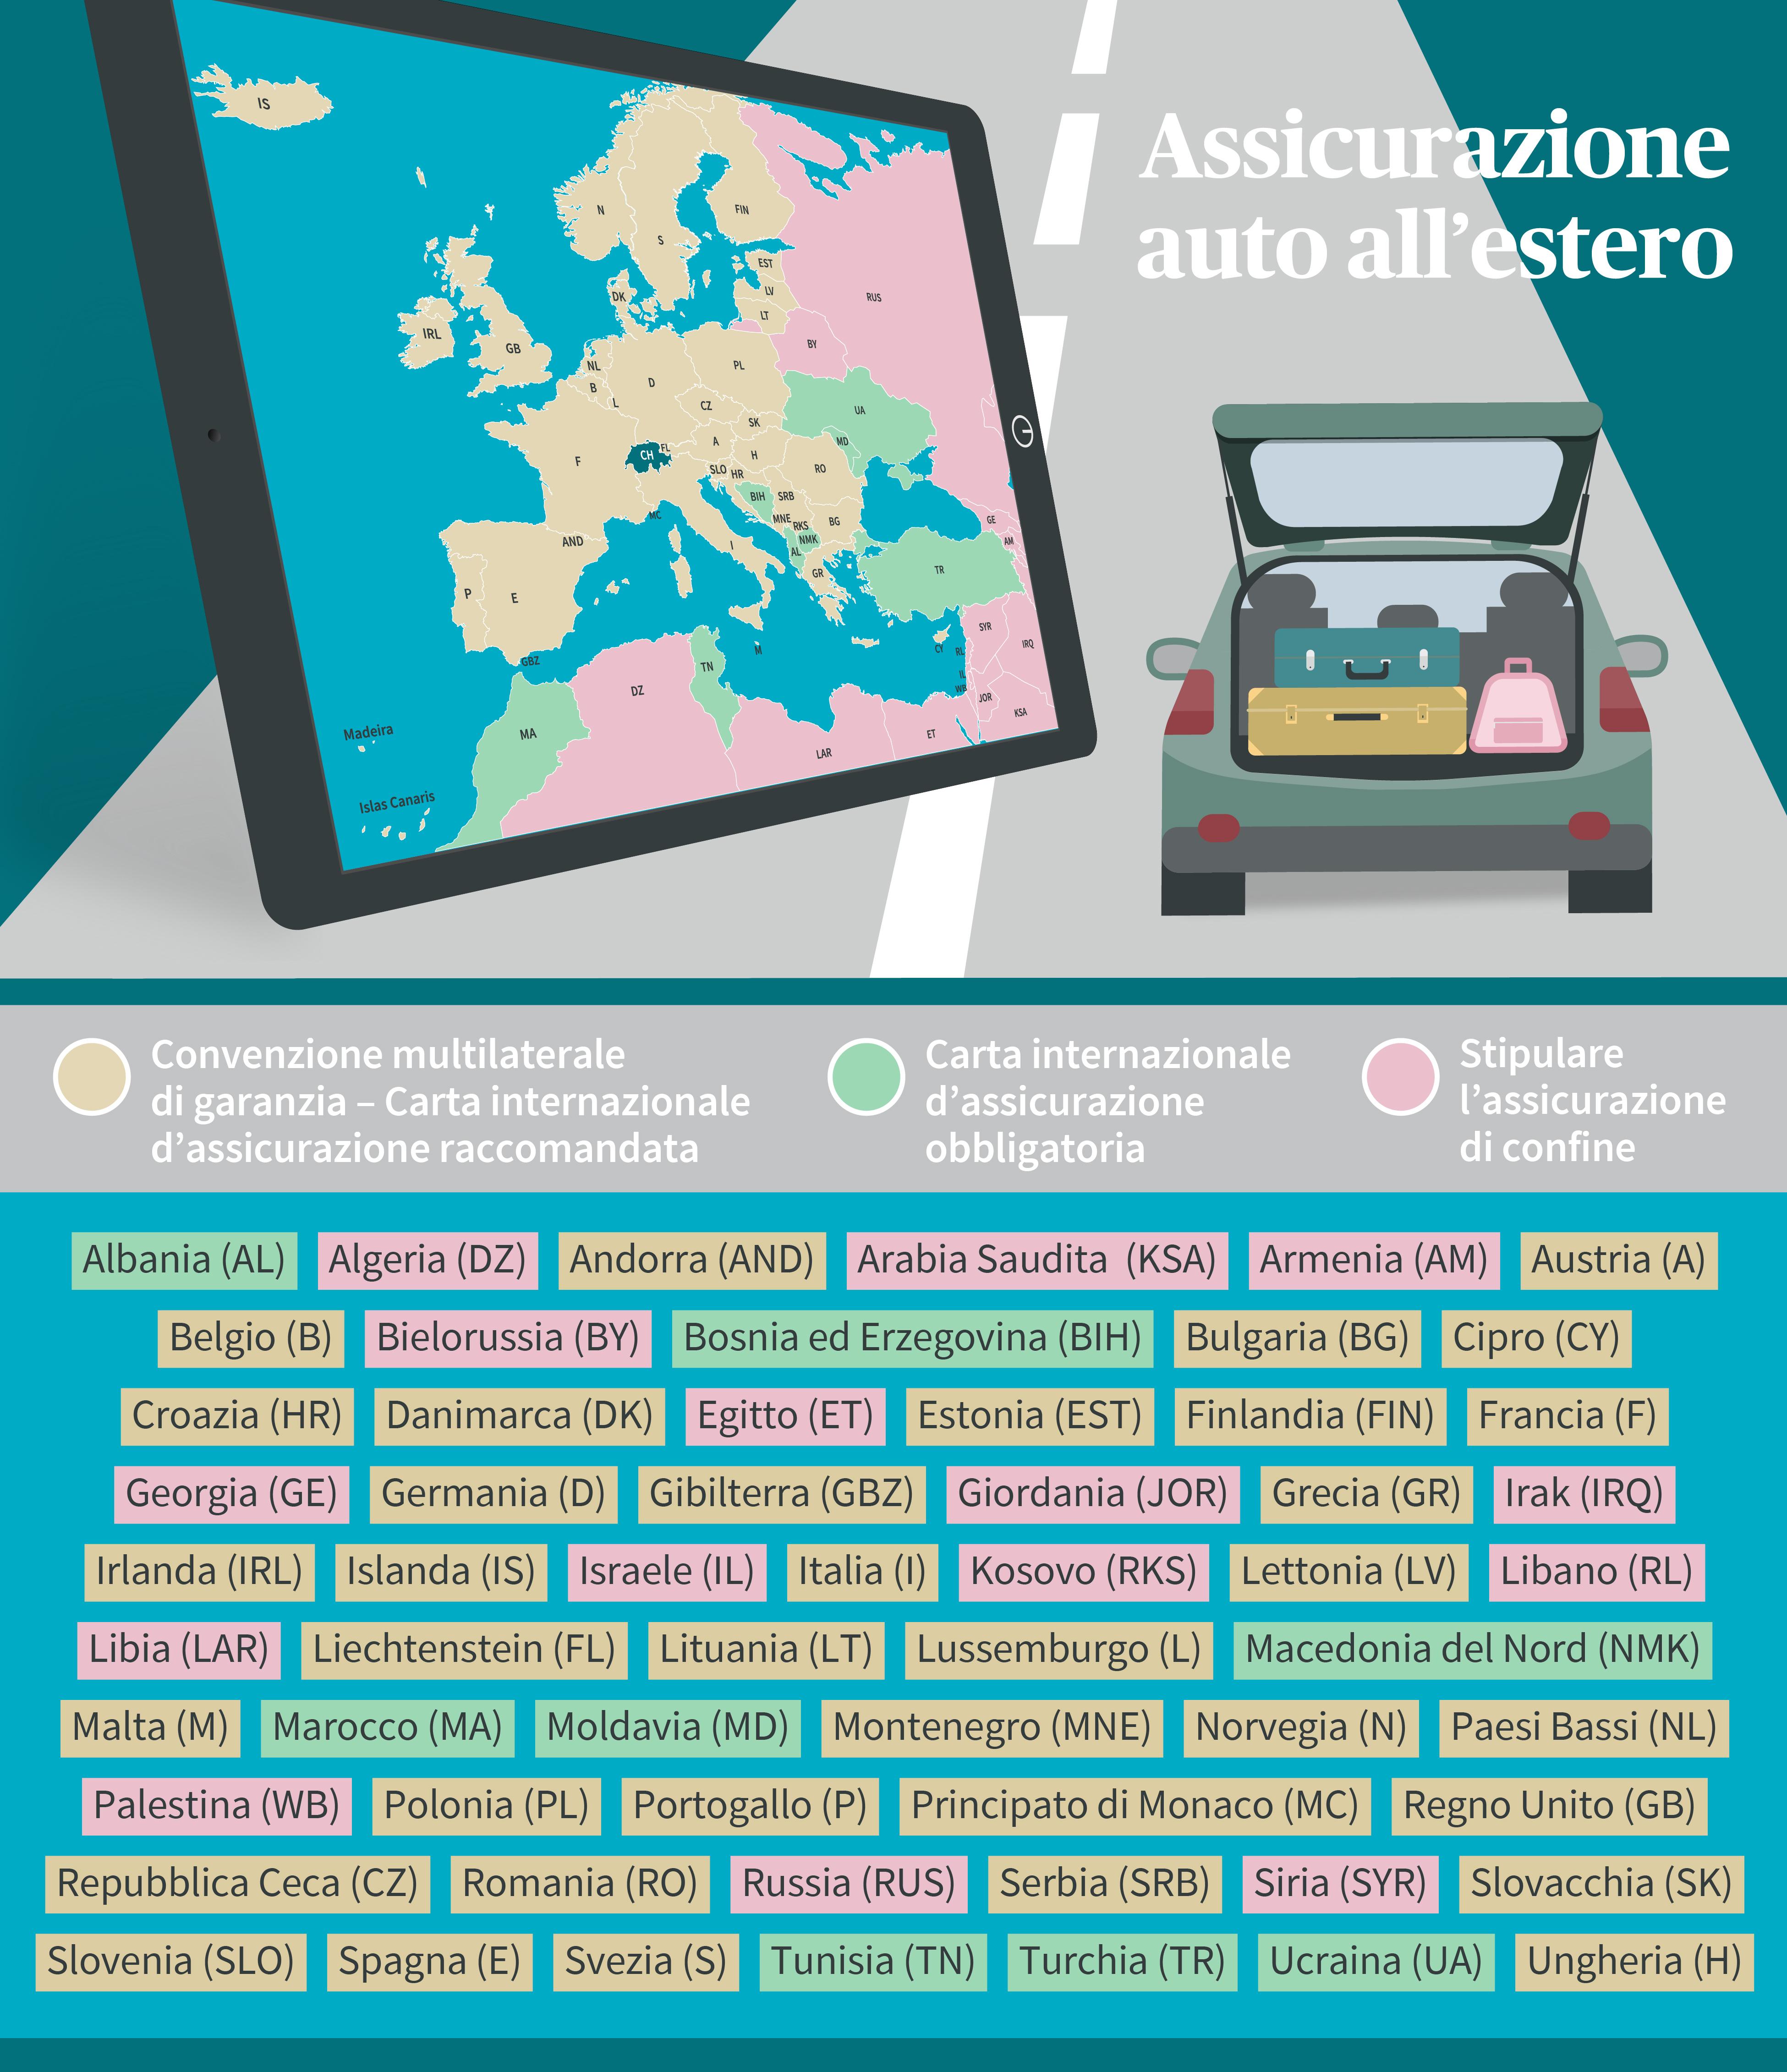 Grafico/Elenco dei Paesi, protezione assicurativa per l'auto all'estero (carta verde)